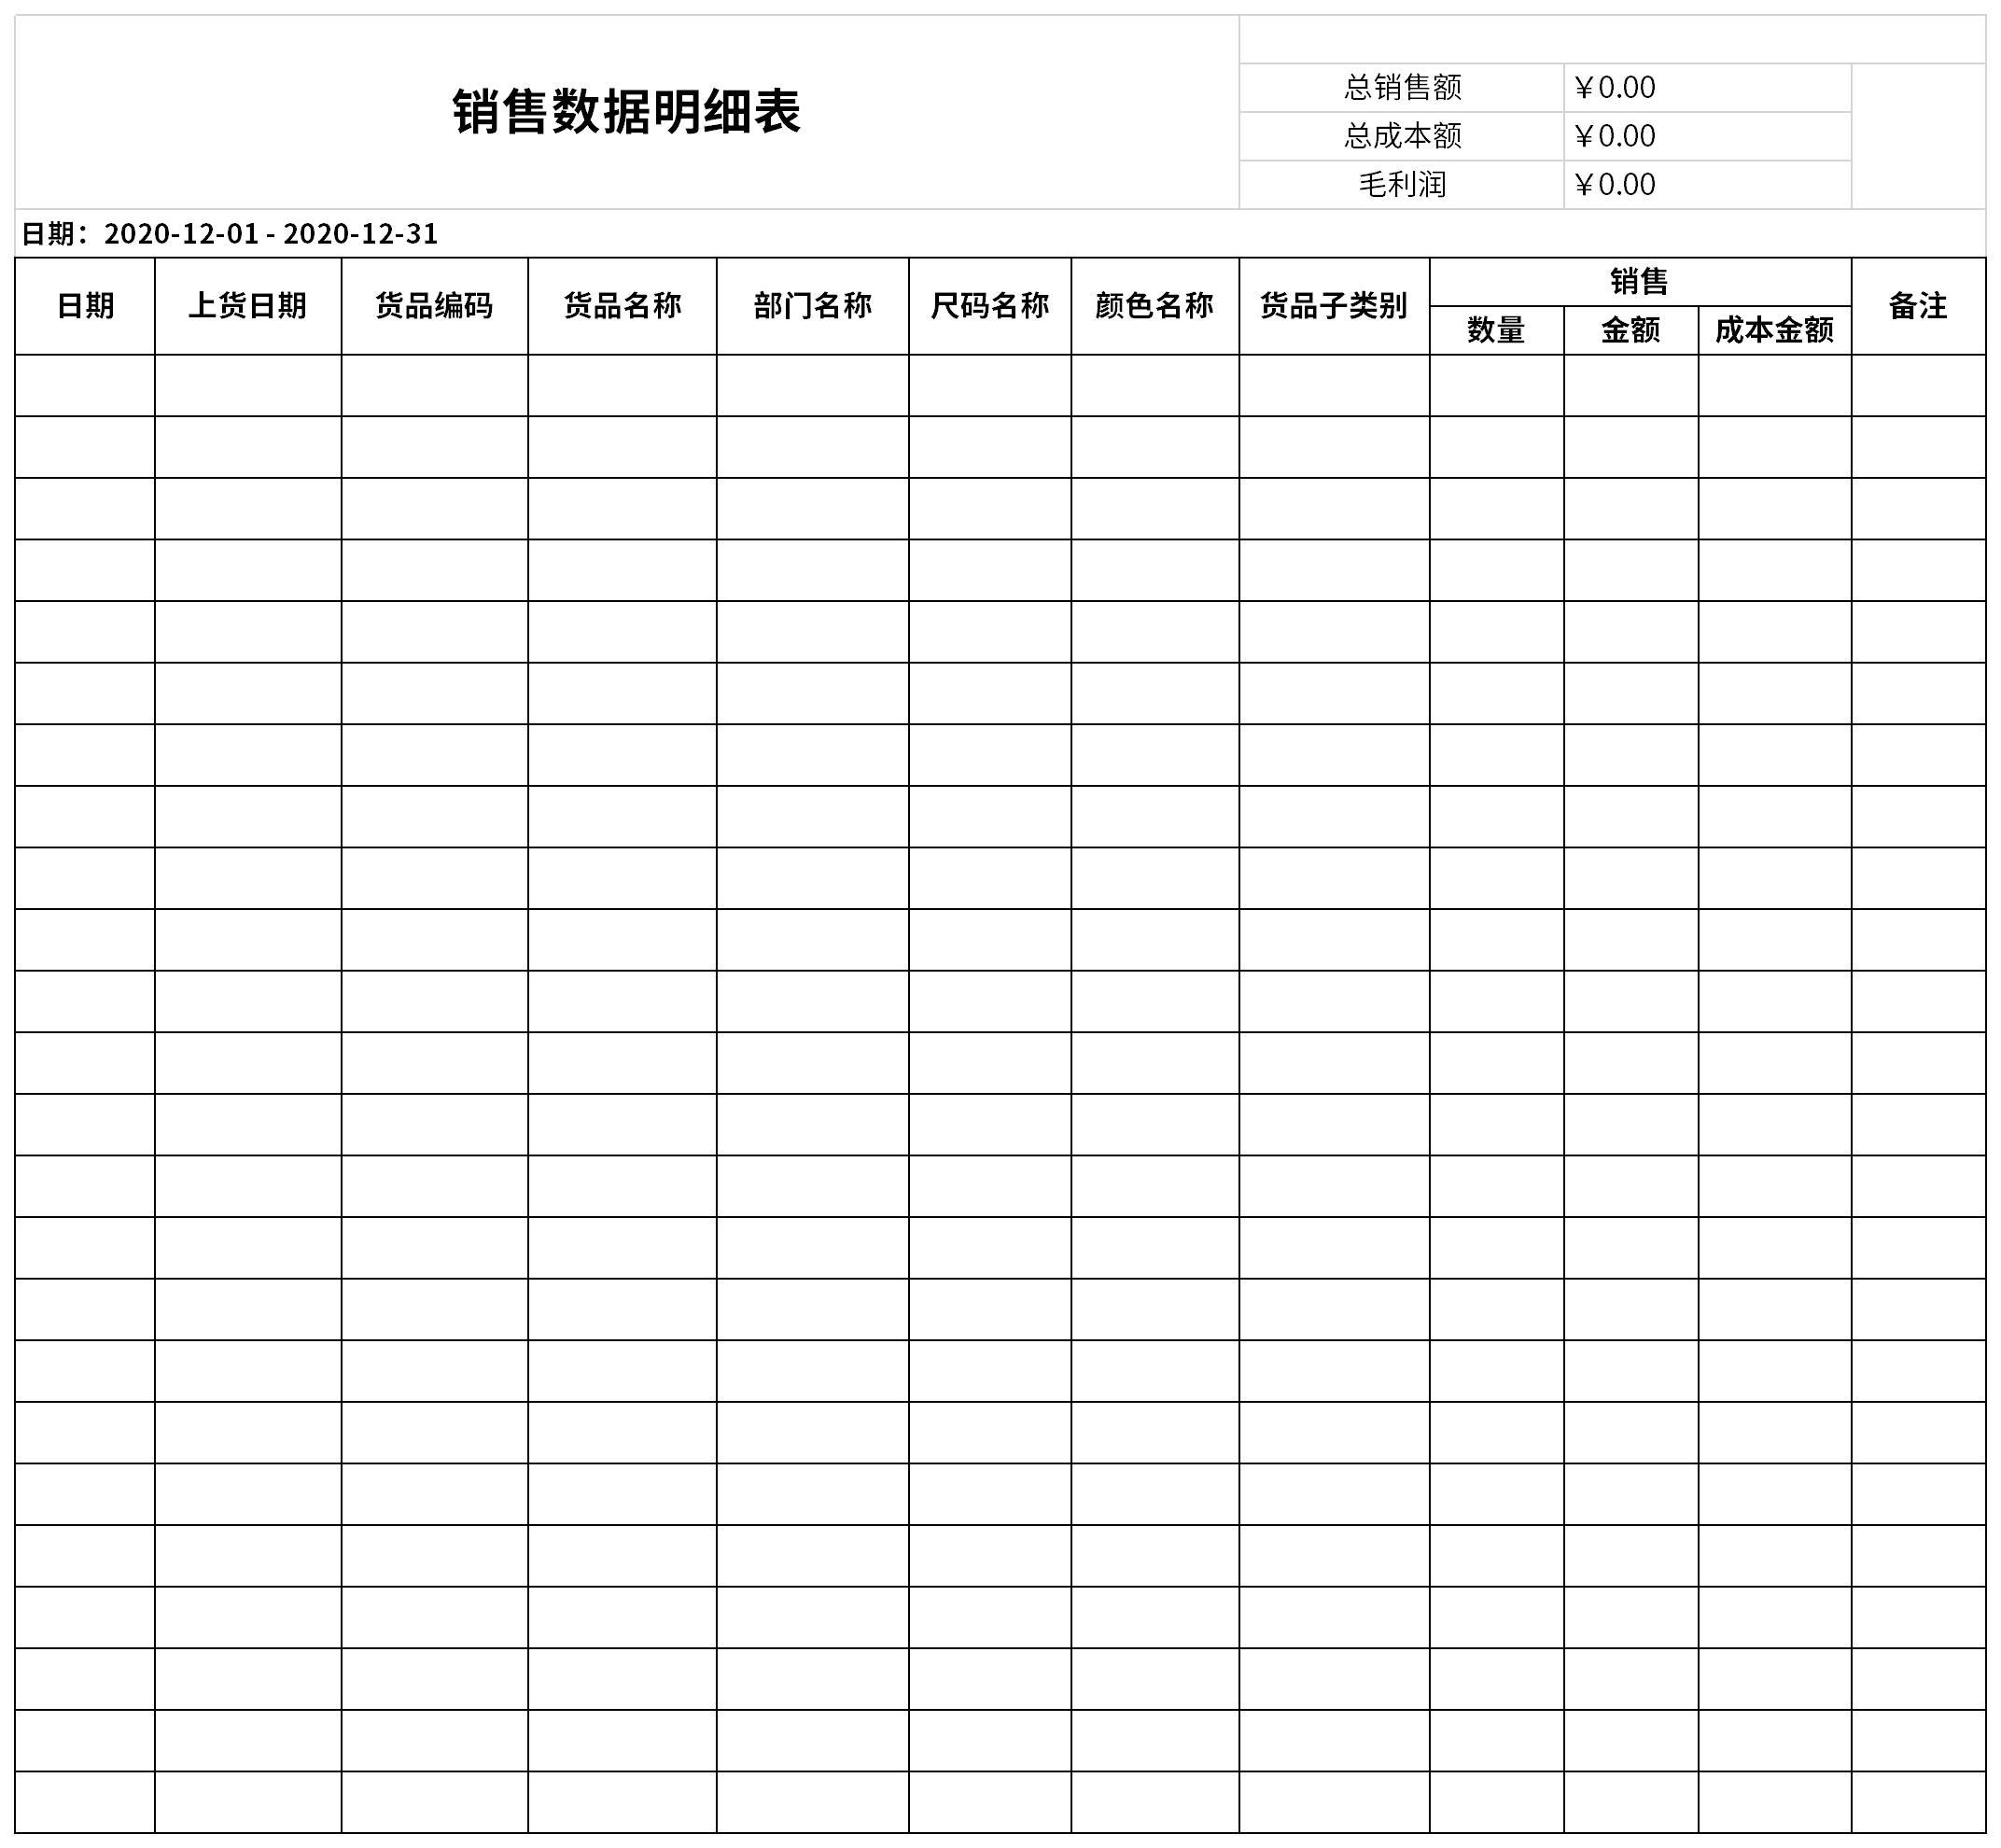 销售数据明细表截图